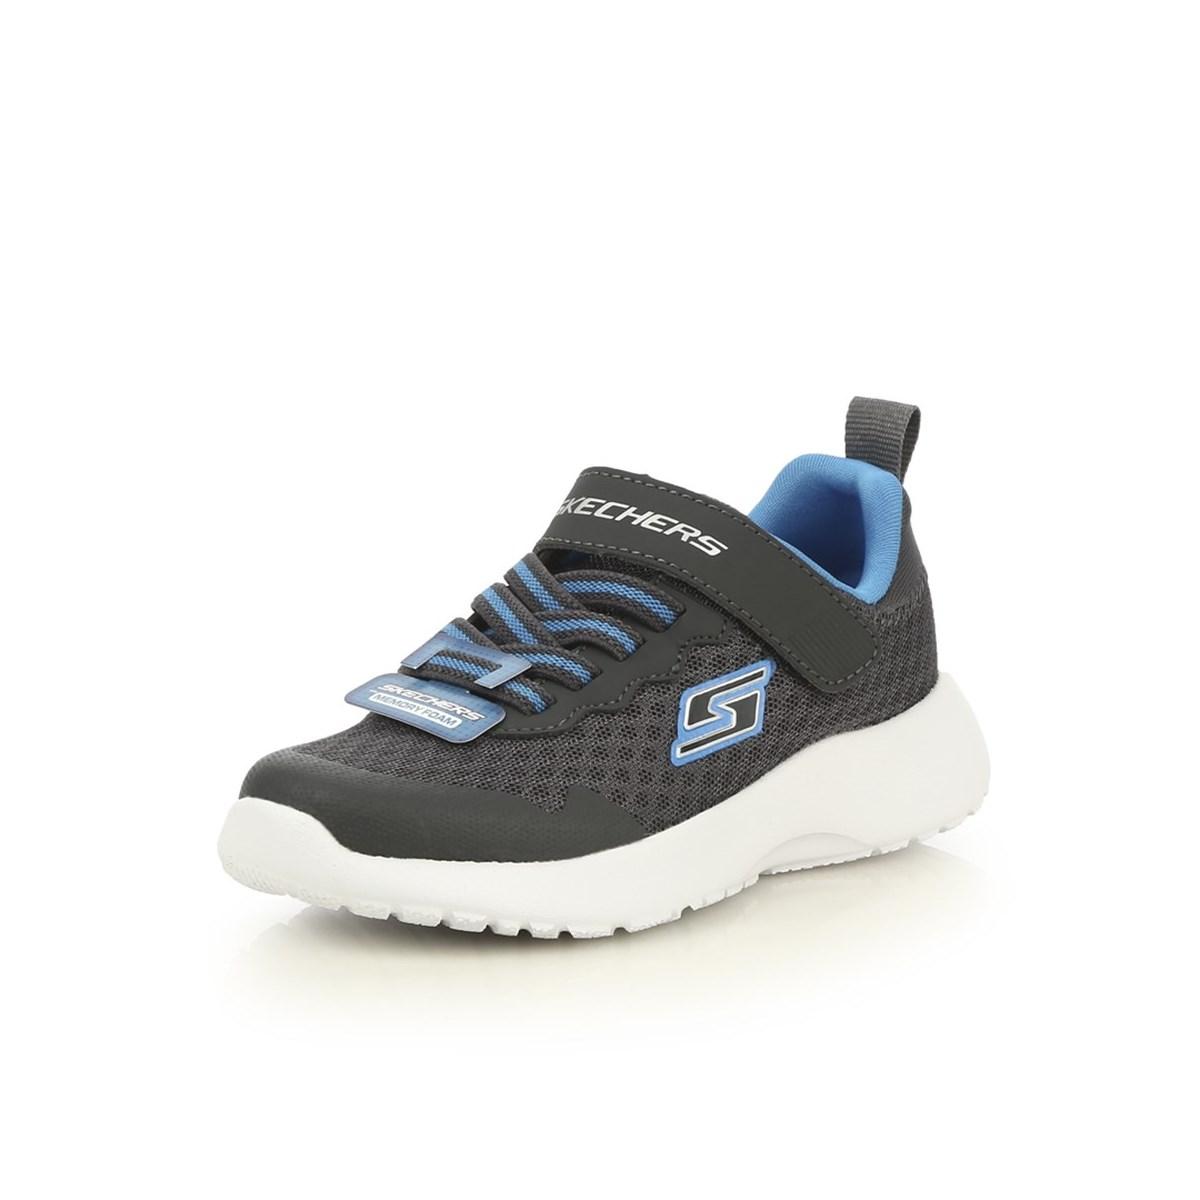 Dynamight Hyper Torque Çocuk Gri Spor Ayakkabı